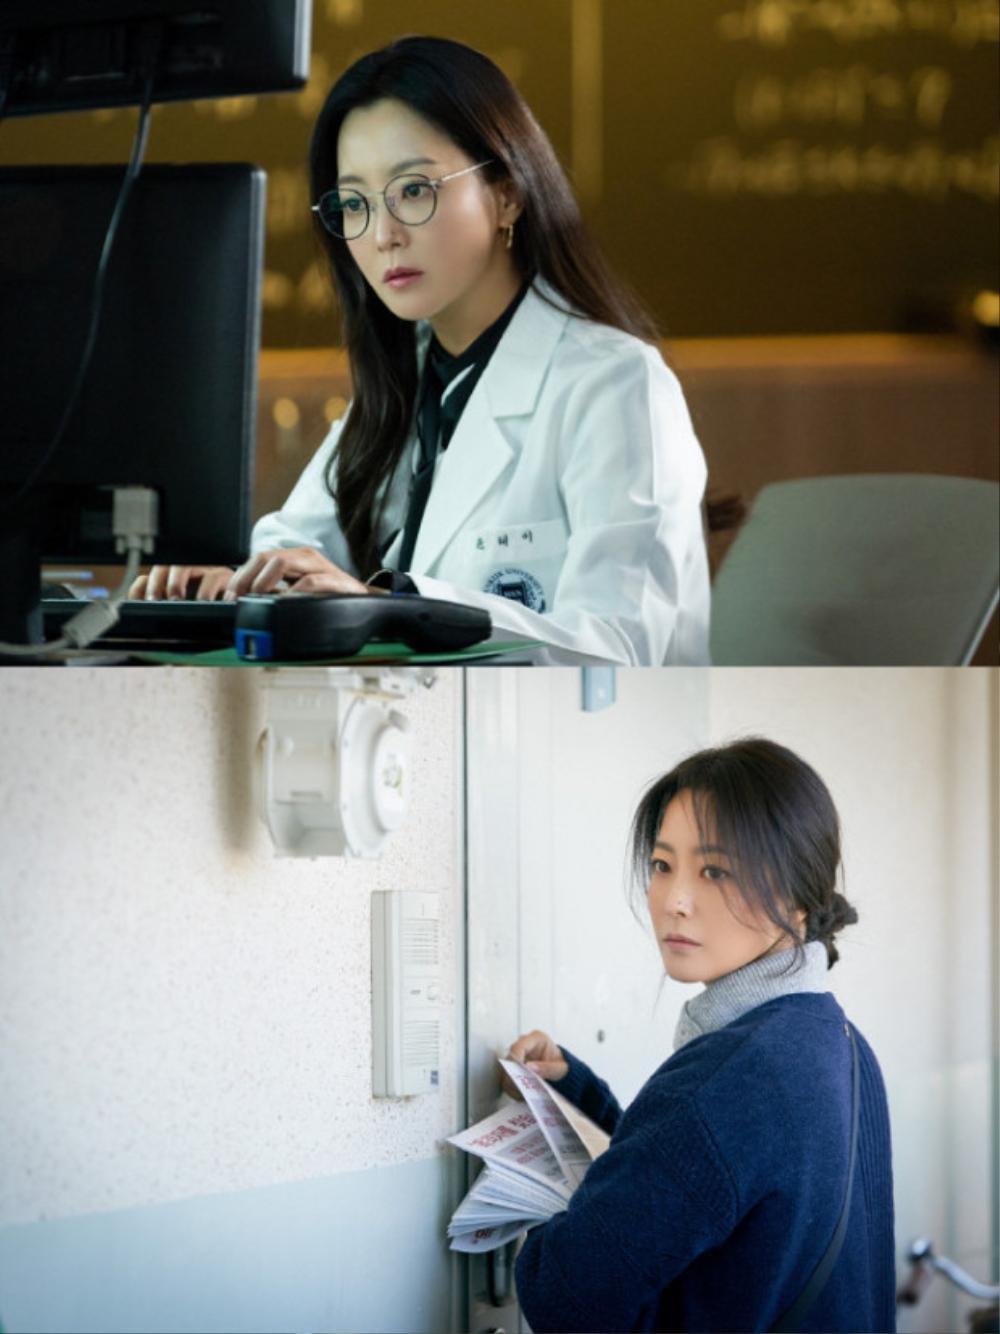 Họp báo phim mùa Covid-19, Kim Hee Sun hài hước 'tám chuyện' với Joo Won qua lăng kính nhiệm màu Ảnh 11